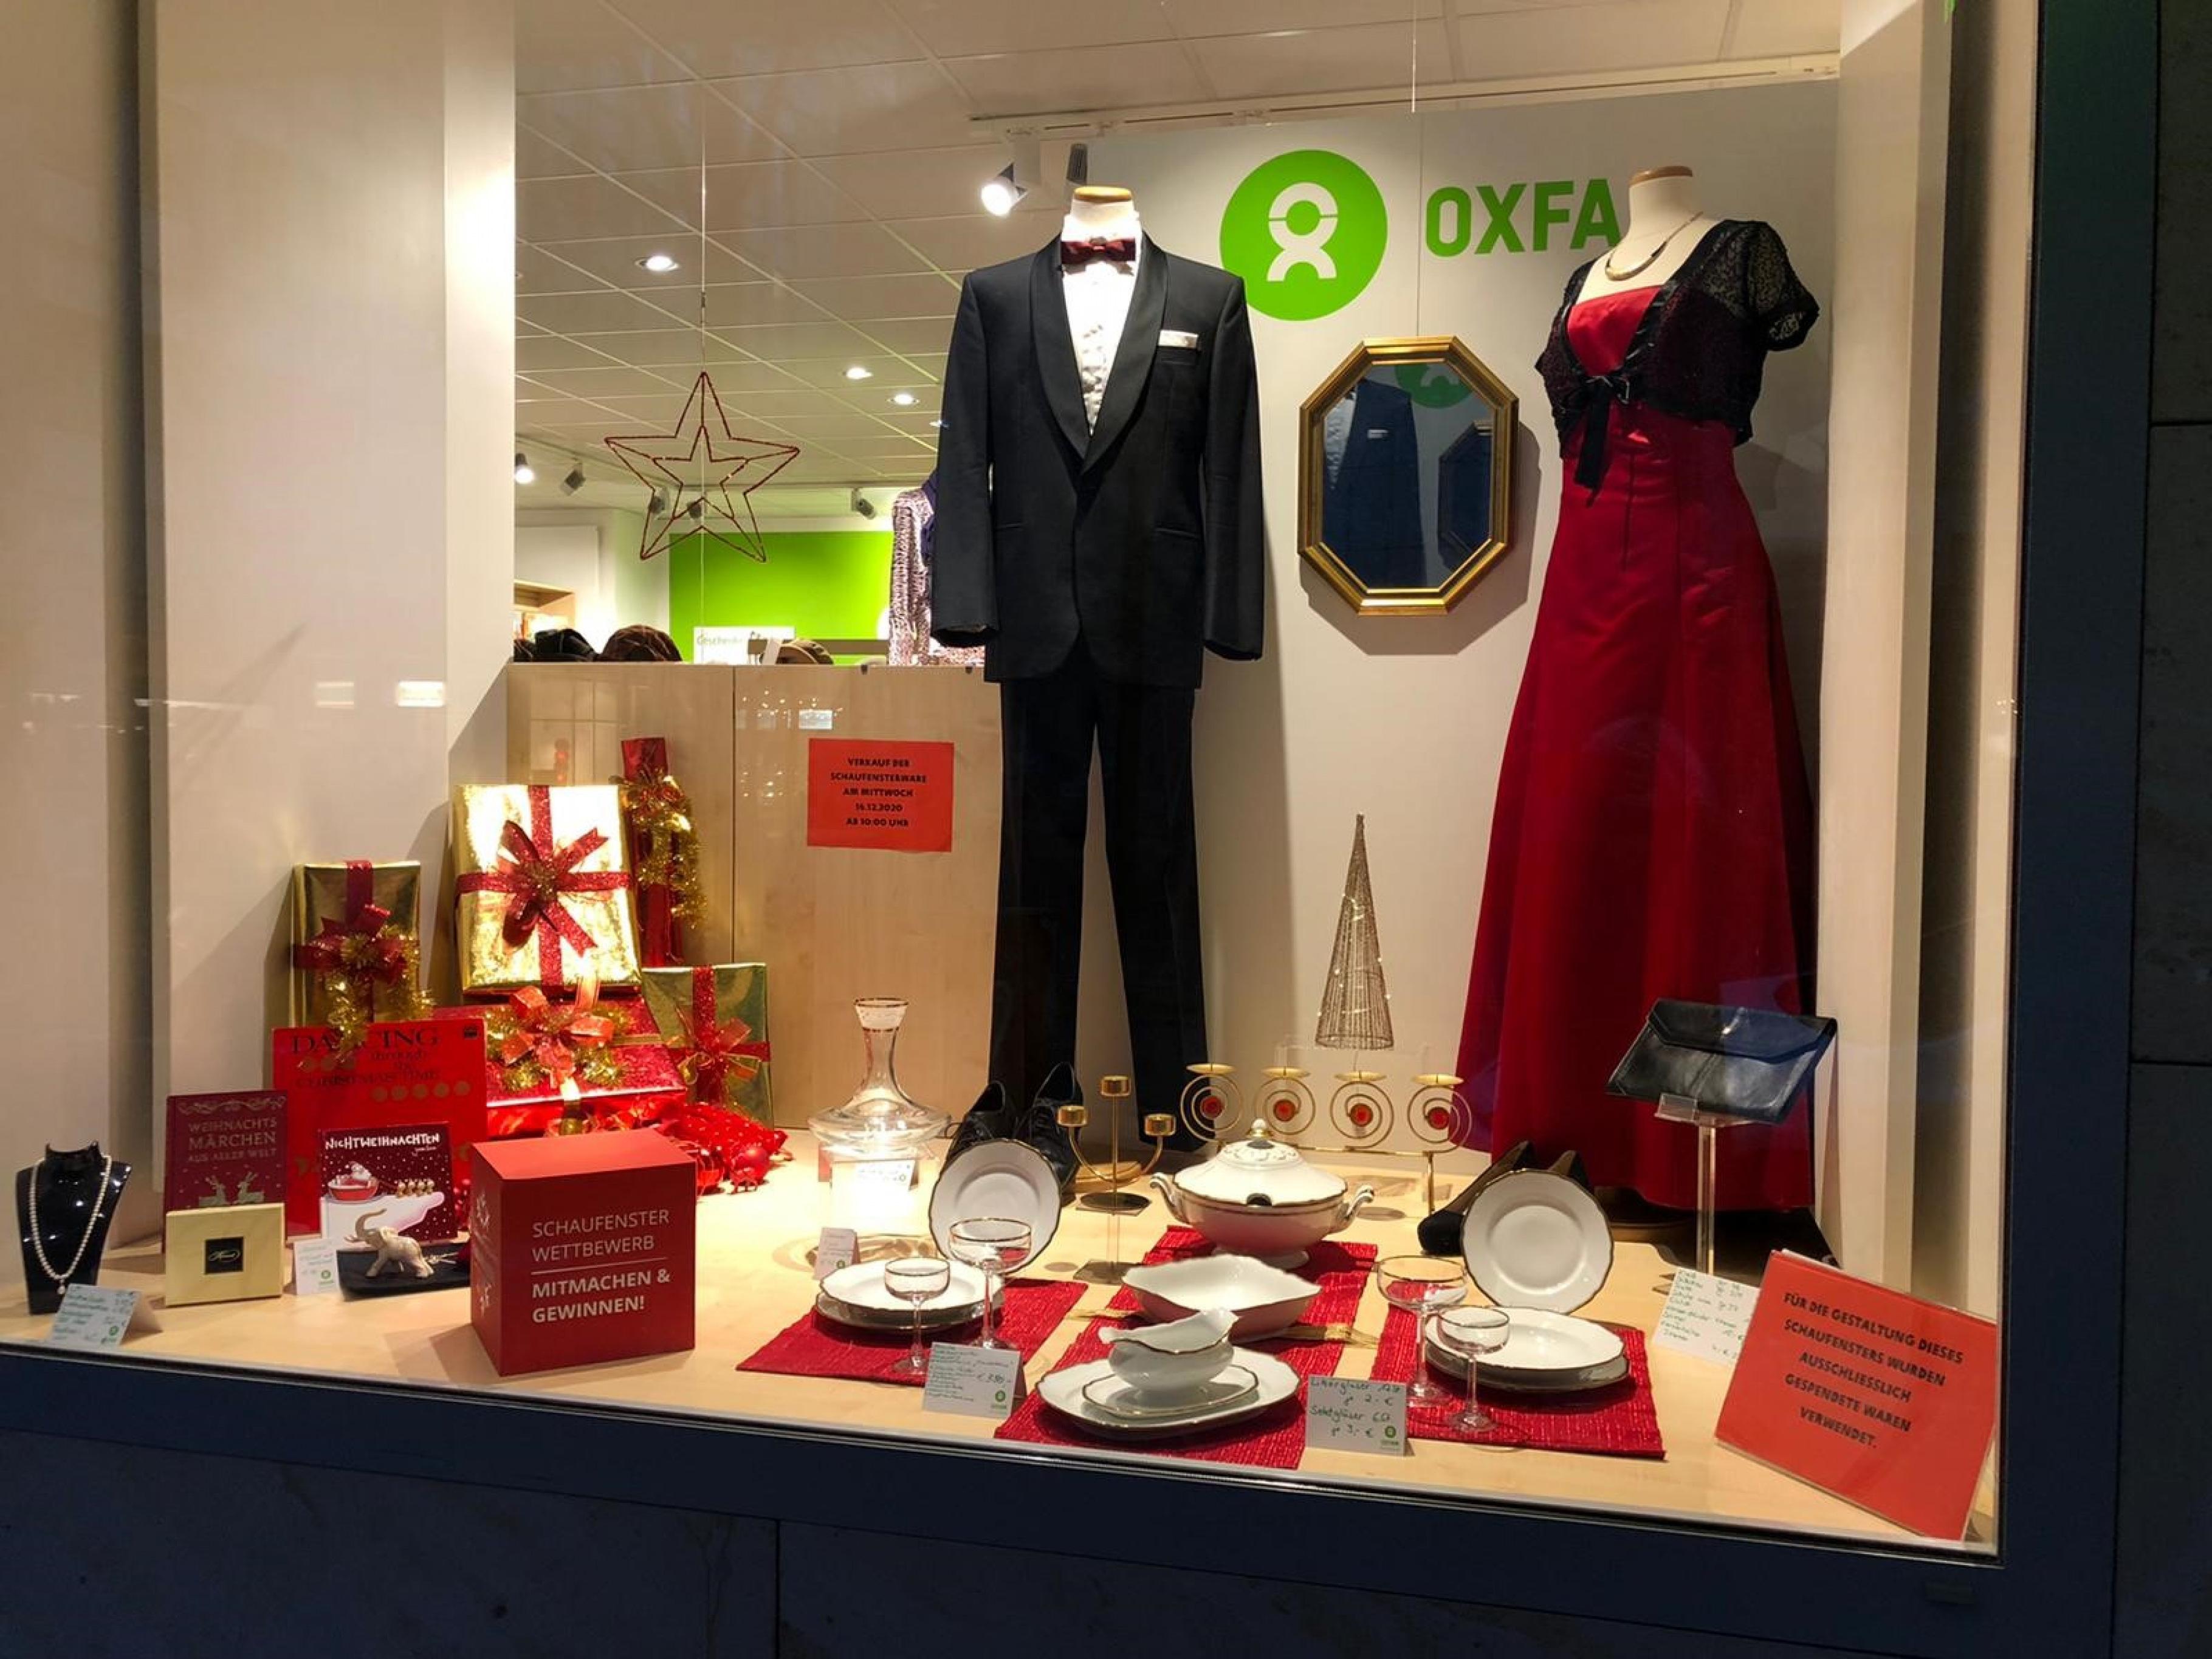 """Das für den Wettbewerb """"Weihnachtszauber"""" dekorierte Schaufenster des Oxfam Shops in Mannheim"""